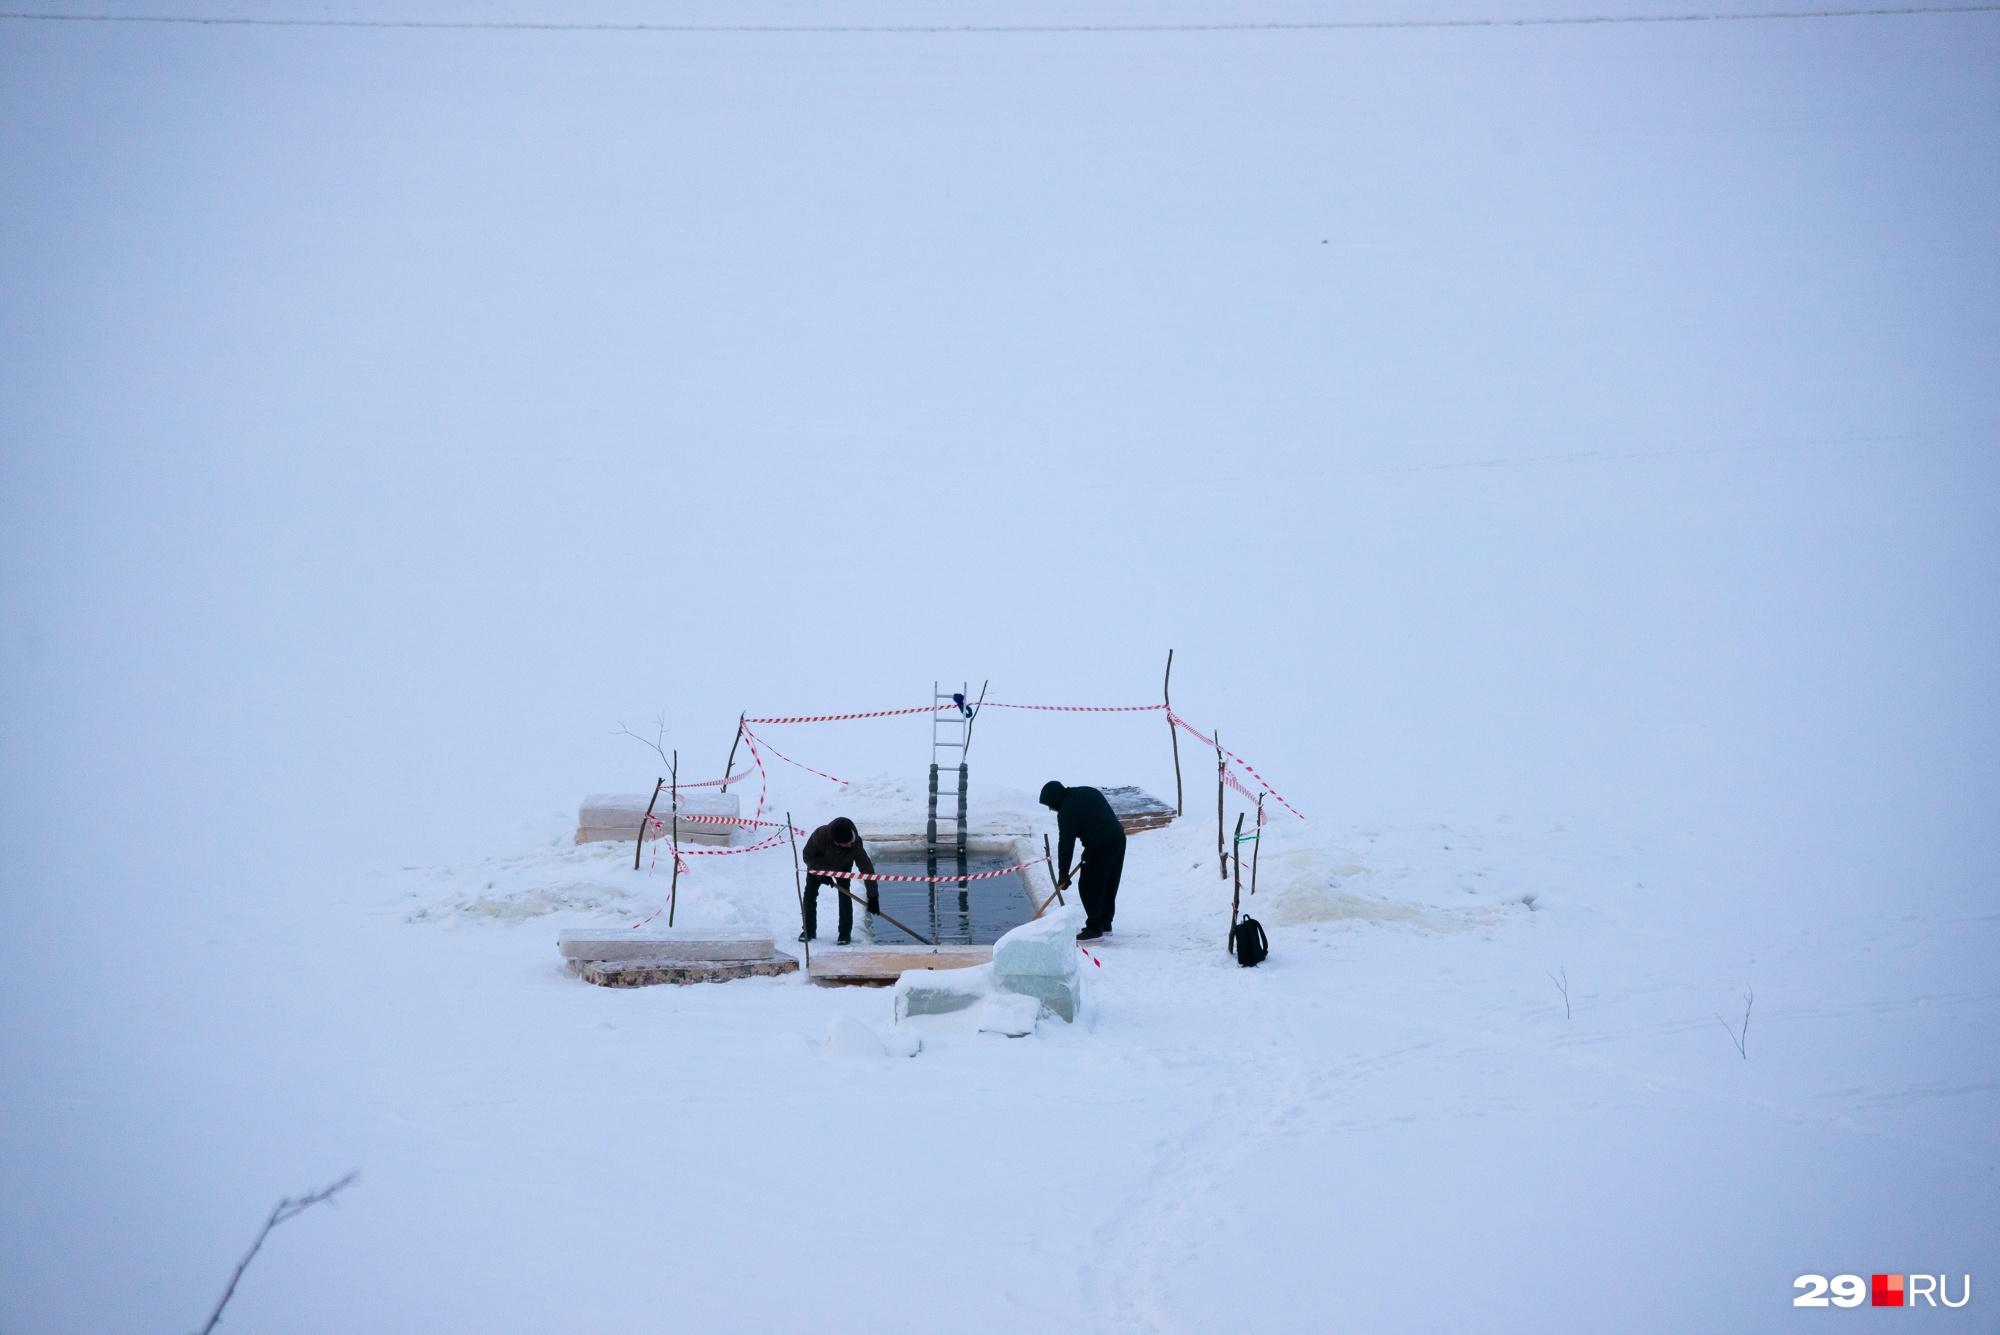 Любители холодного купания будут посещать прорубь до весны — пока можно будет выходить на лед